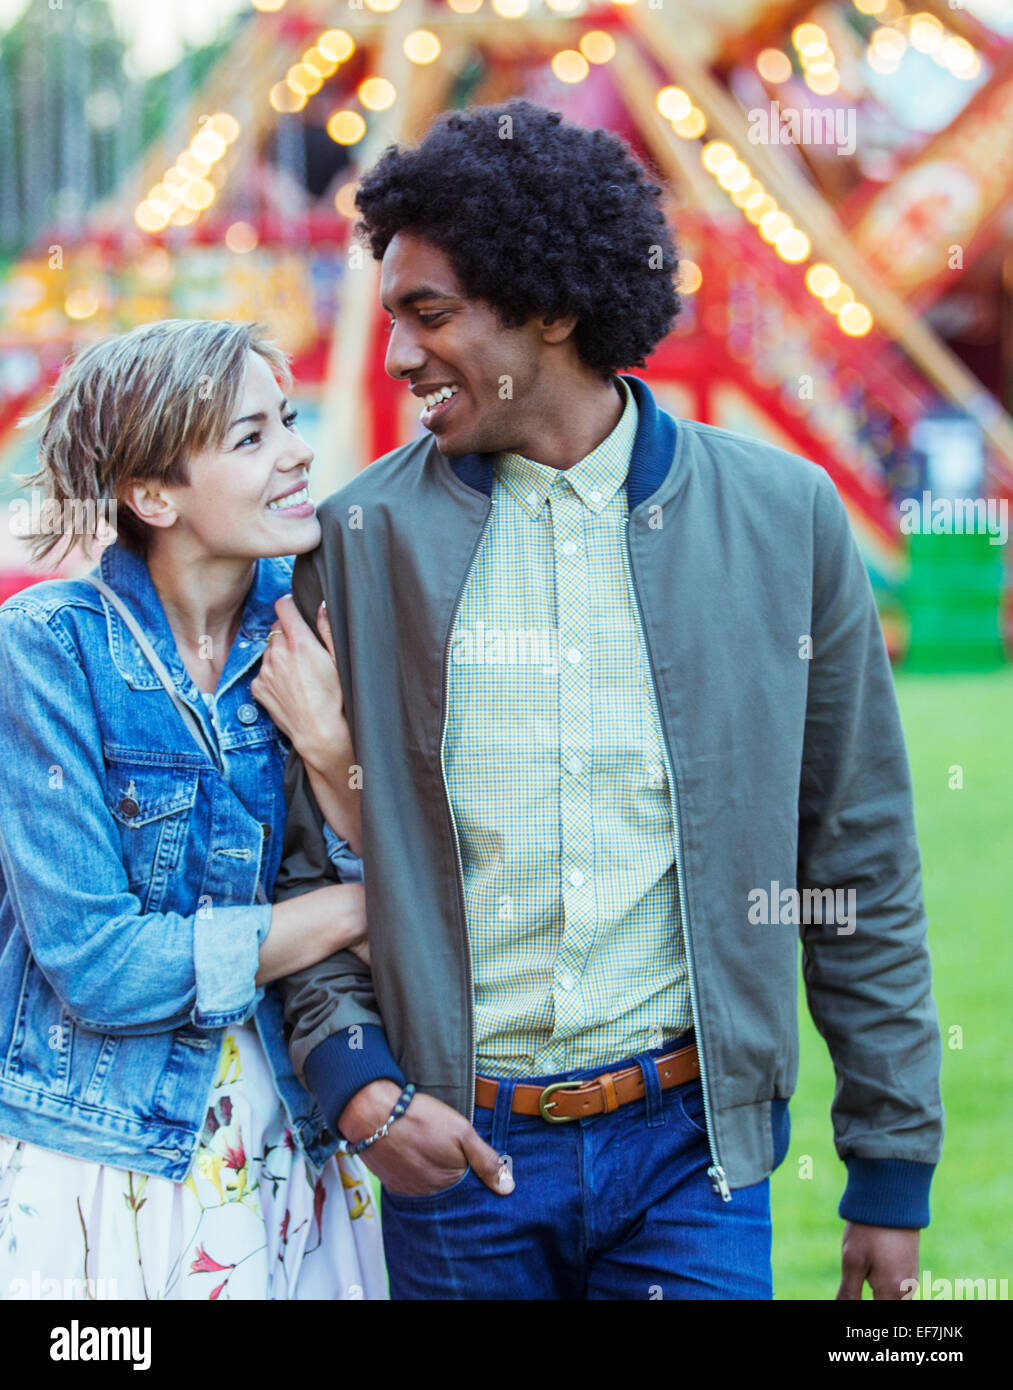 Joven pareja multirracial sonriendo el uno al otro en el parque de diversiones Foto de stock